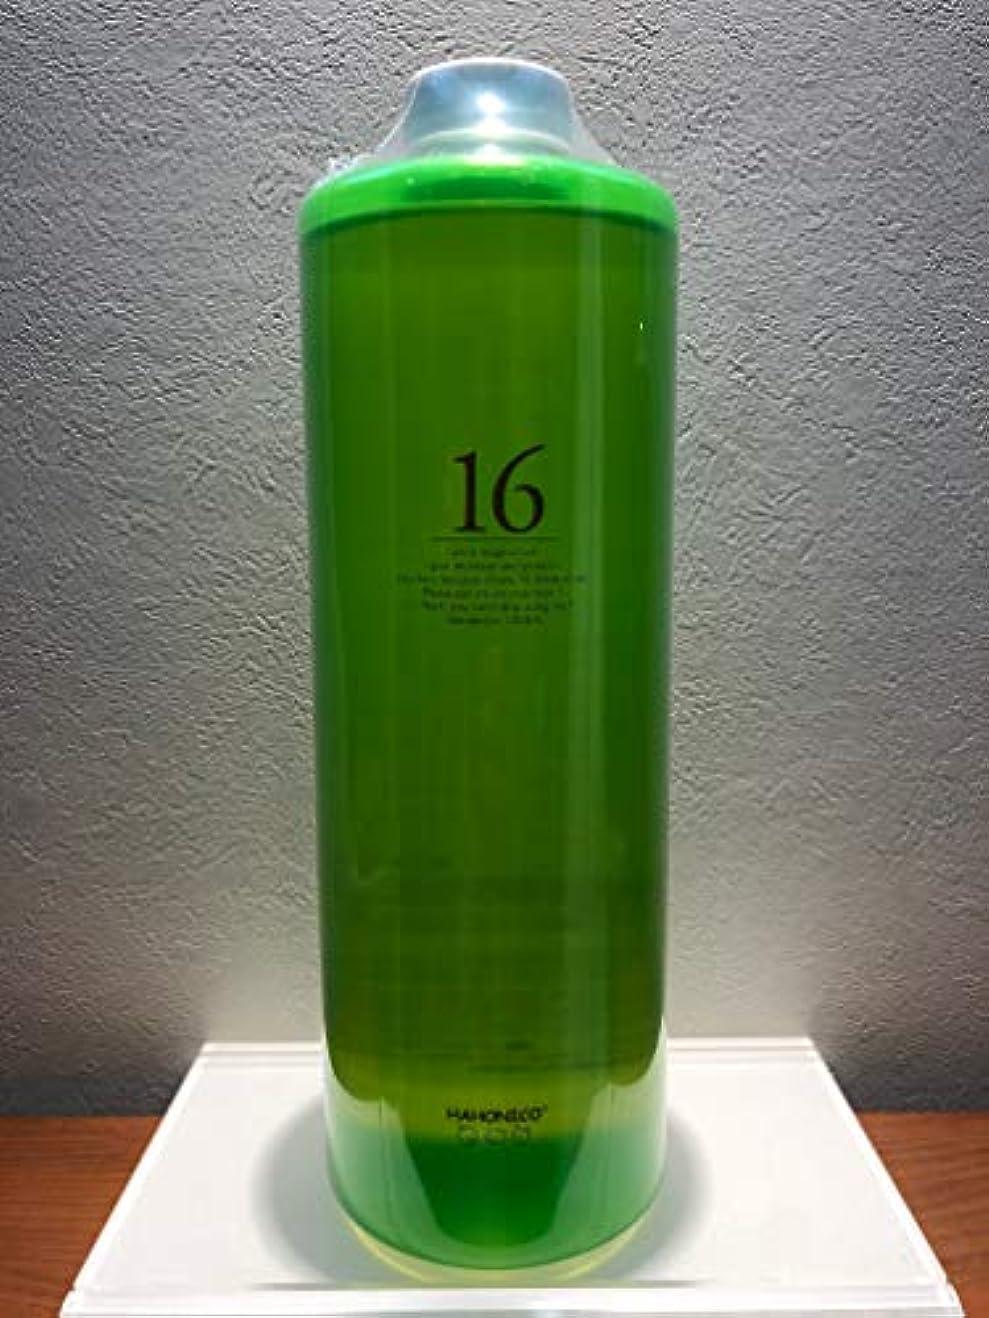 キノコおじいちゃん微生物ハホニコ 十六油 ジュウロクユ 1000ml